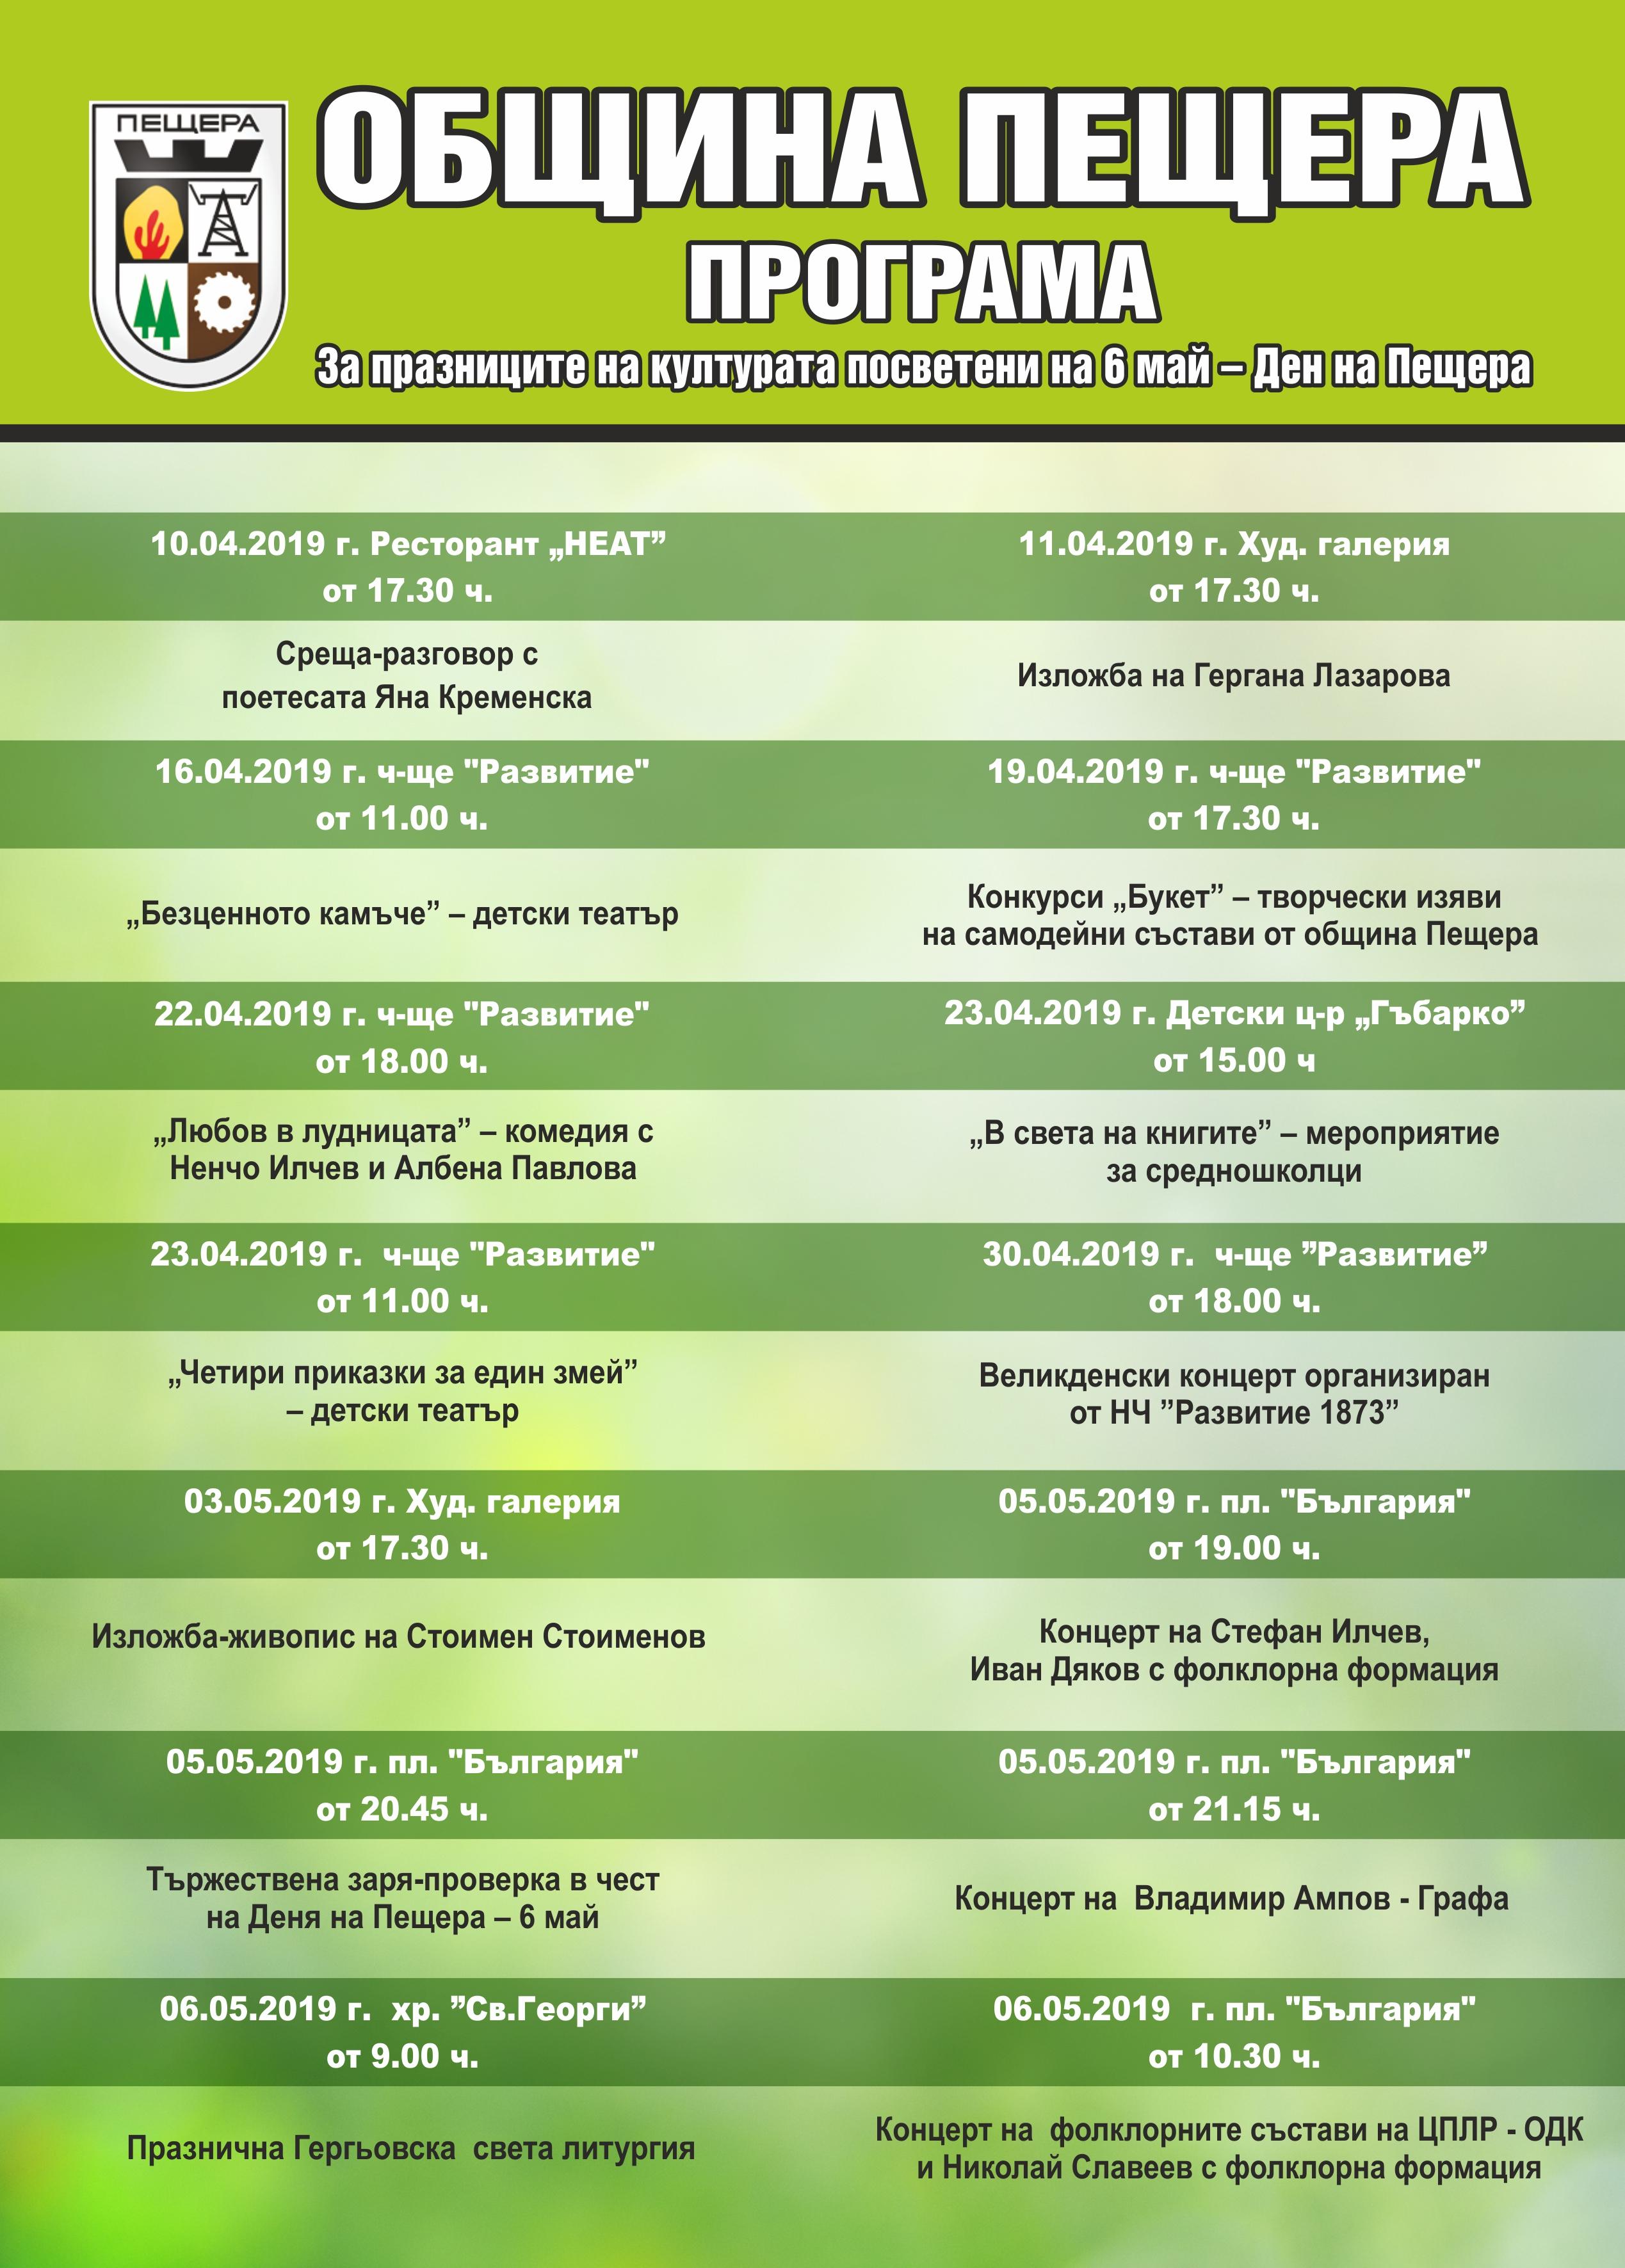 Plakat-6-mai-Obshtina-Peshtera-2019-1.jpg